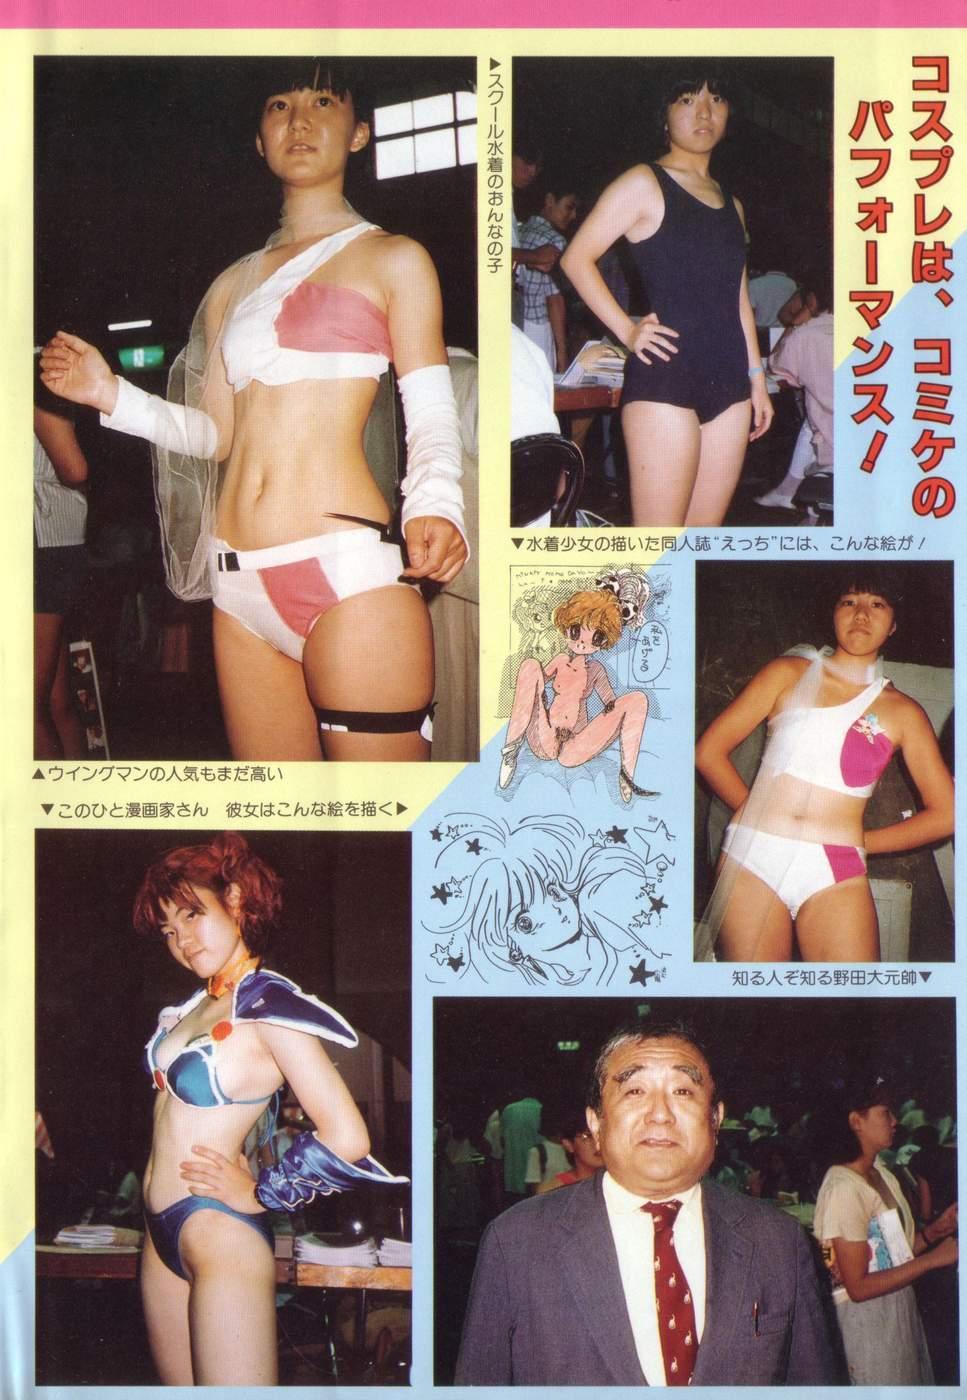 COMIC Lolipop 1985-10 Soukanjunbigou Aki 7